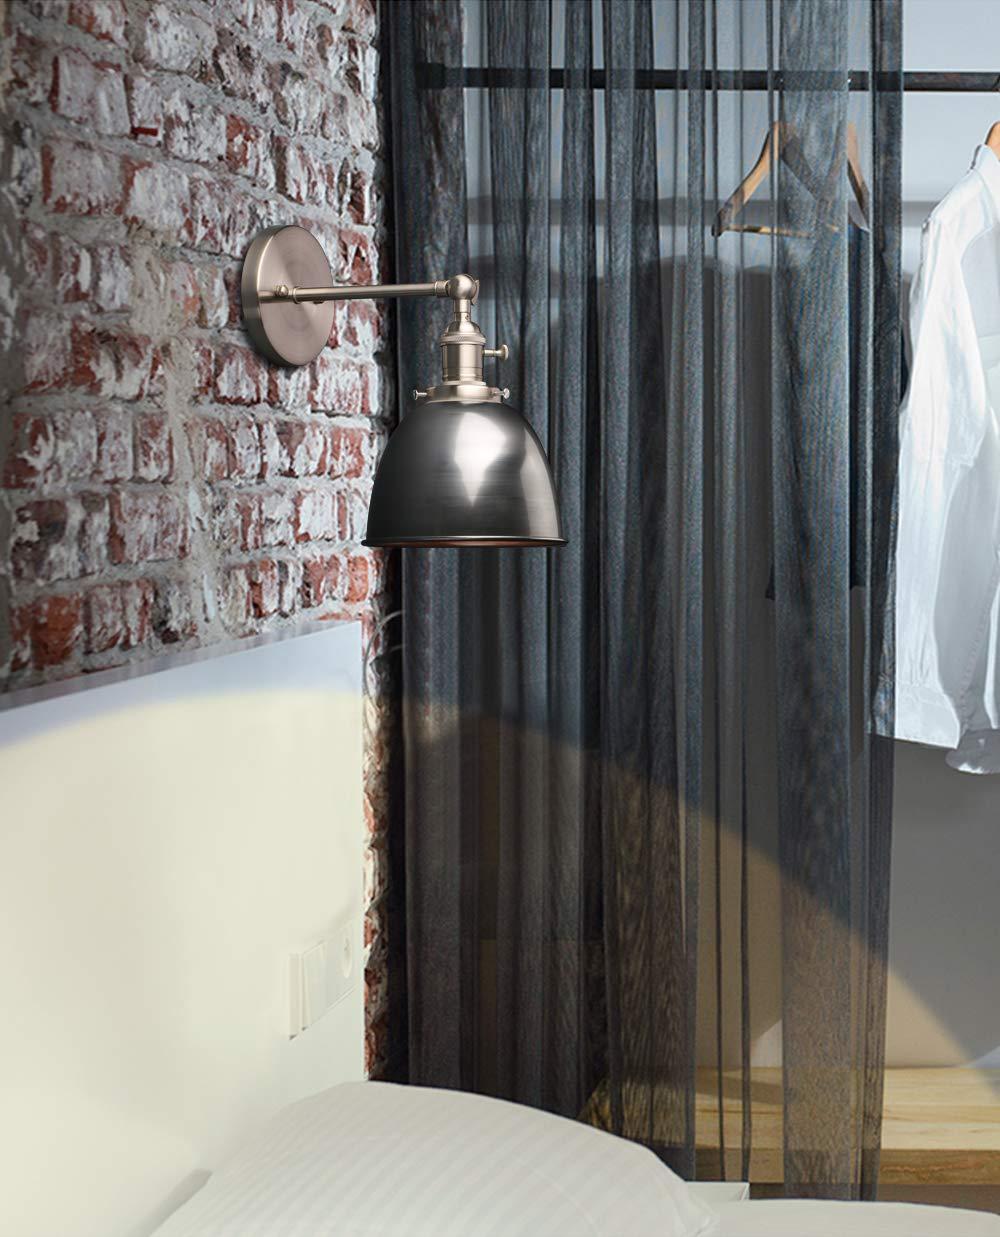 Phansthy 2 St/ücke Deckenhalbkreis mit Metall-Schirm Wandbeleuchtung Wandleuchten Vintage Industrie Loft-Wandlampen Antik Deko Design Wandbeleuchtung K/üchenwandleuchte Wei/ß